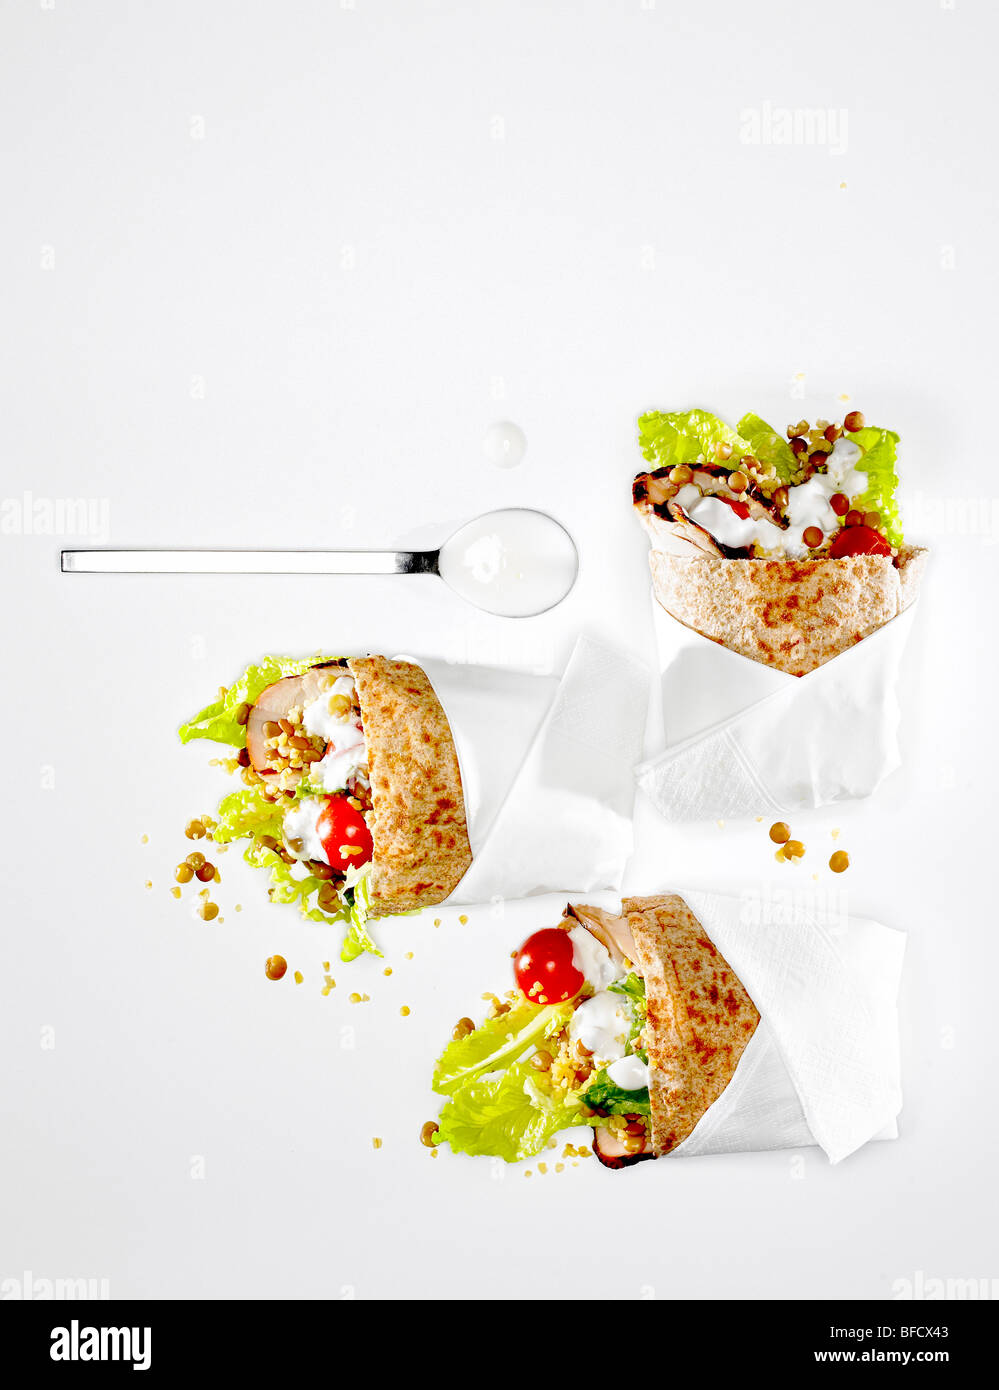 Enveloppe à sandwich, de pain pita rempli de salade et poulet. Banque D'Images